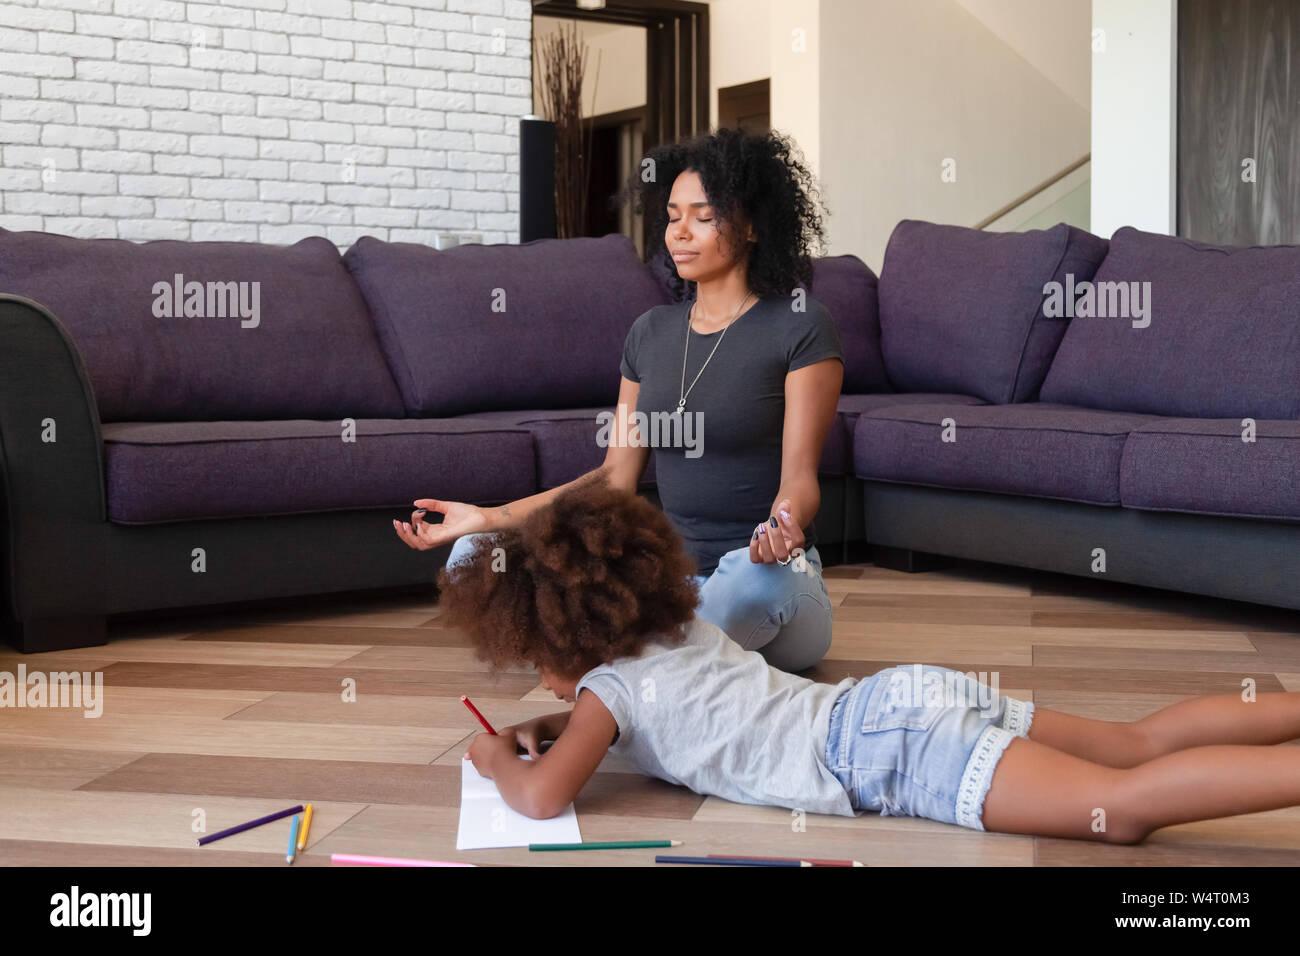 Afrikanische Mutter Yoga, während ihre Tochter Zeichnung auf dem Boden Stockfoto